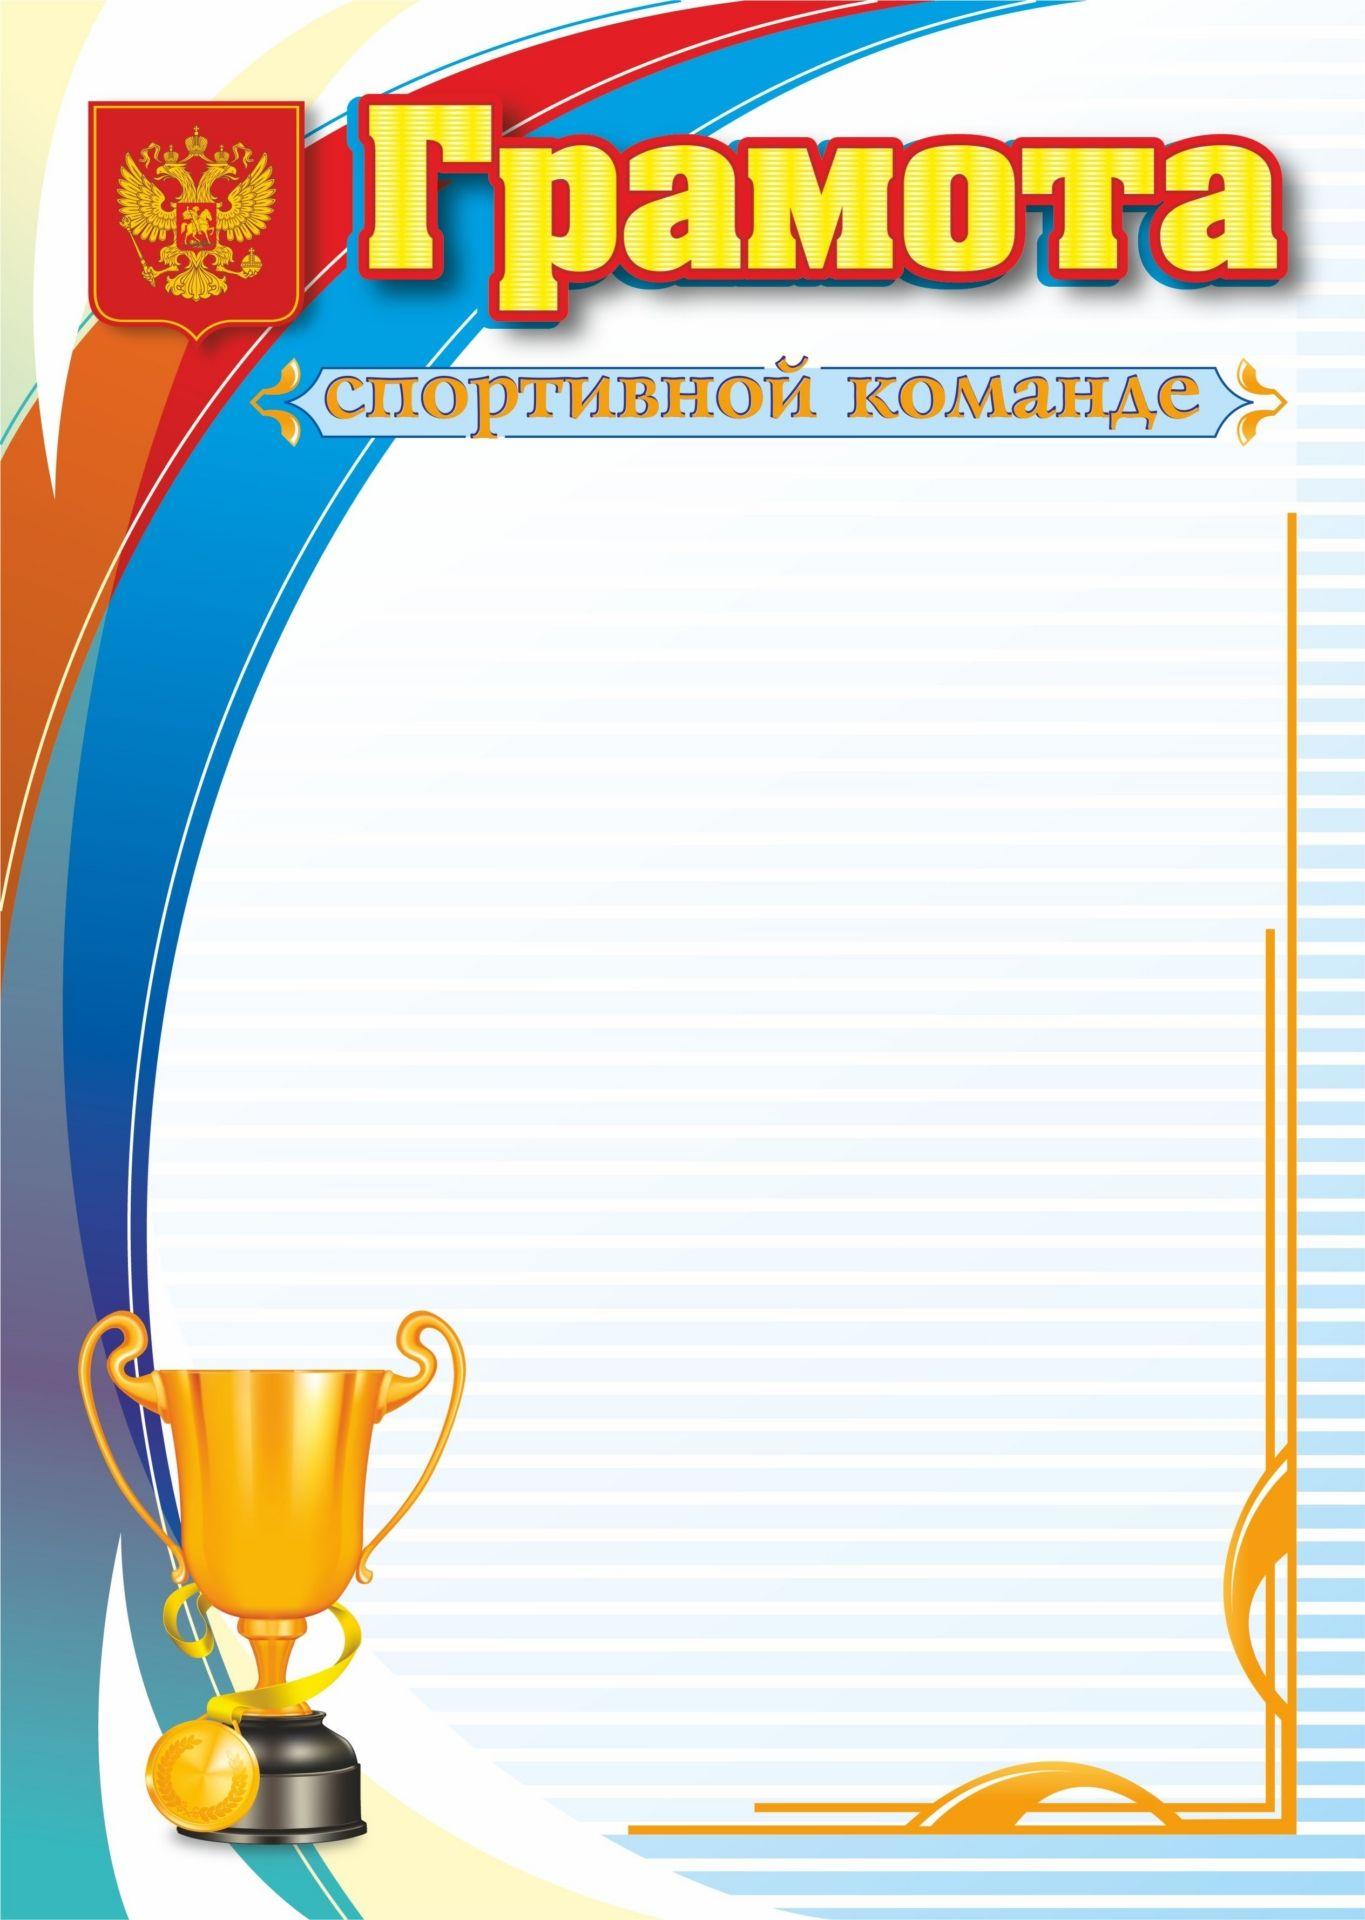 Грамота спортивной командеЗа спортивные достижения<br>Материалы:на обложку - бумага мелованная, пл. 250.00.<br><br>Год: 2018<br>Высота: 297<br>Ширина: 210<br>Толщина: 0.27